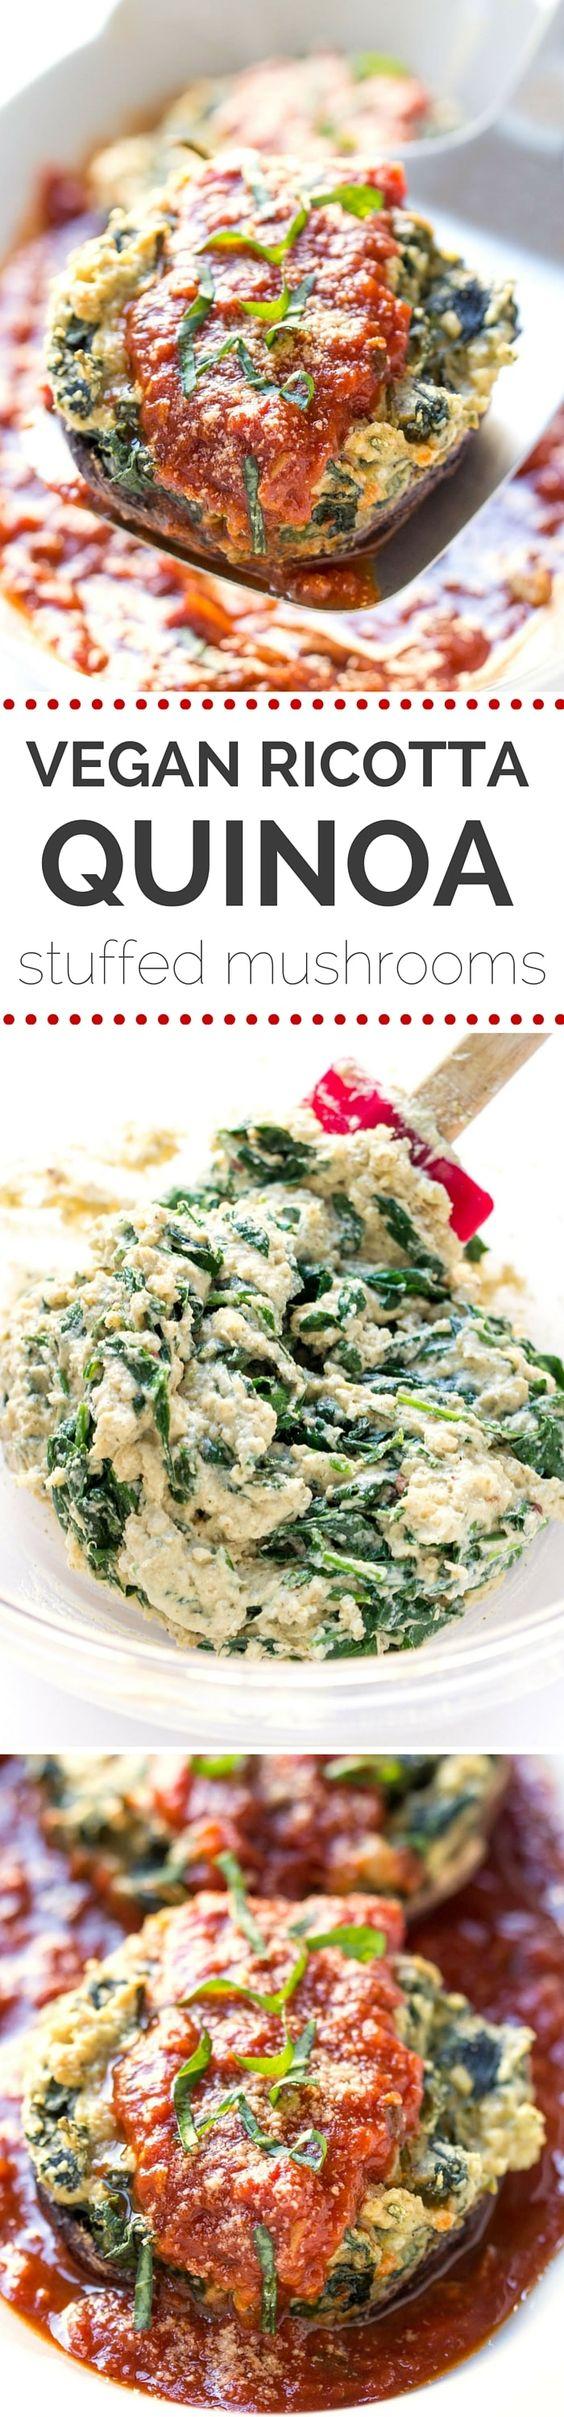 Stuffed Shells With Ricotta, Spinach, And Portobello Mushrooms Recipe ...